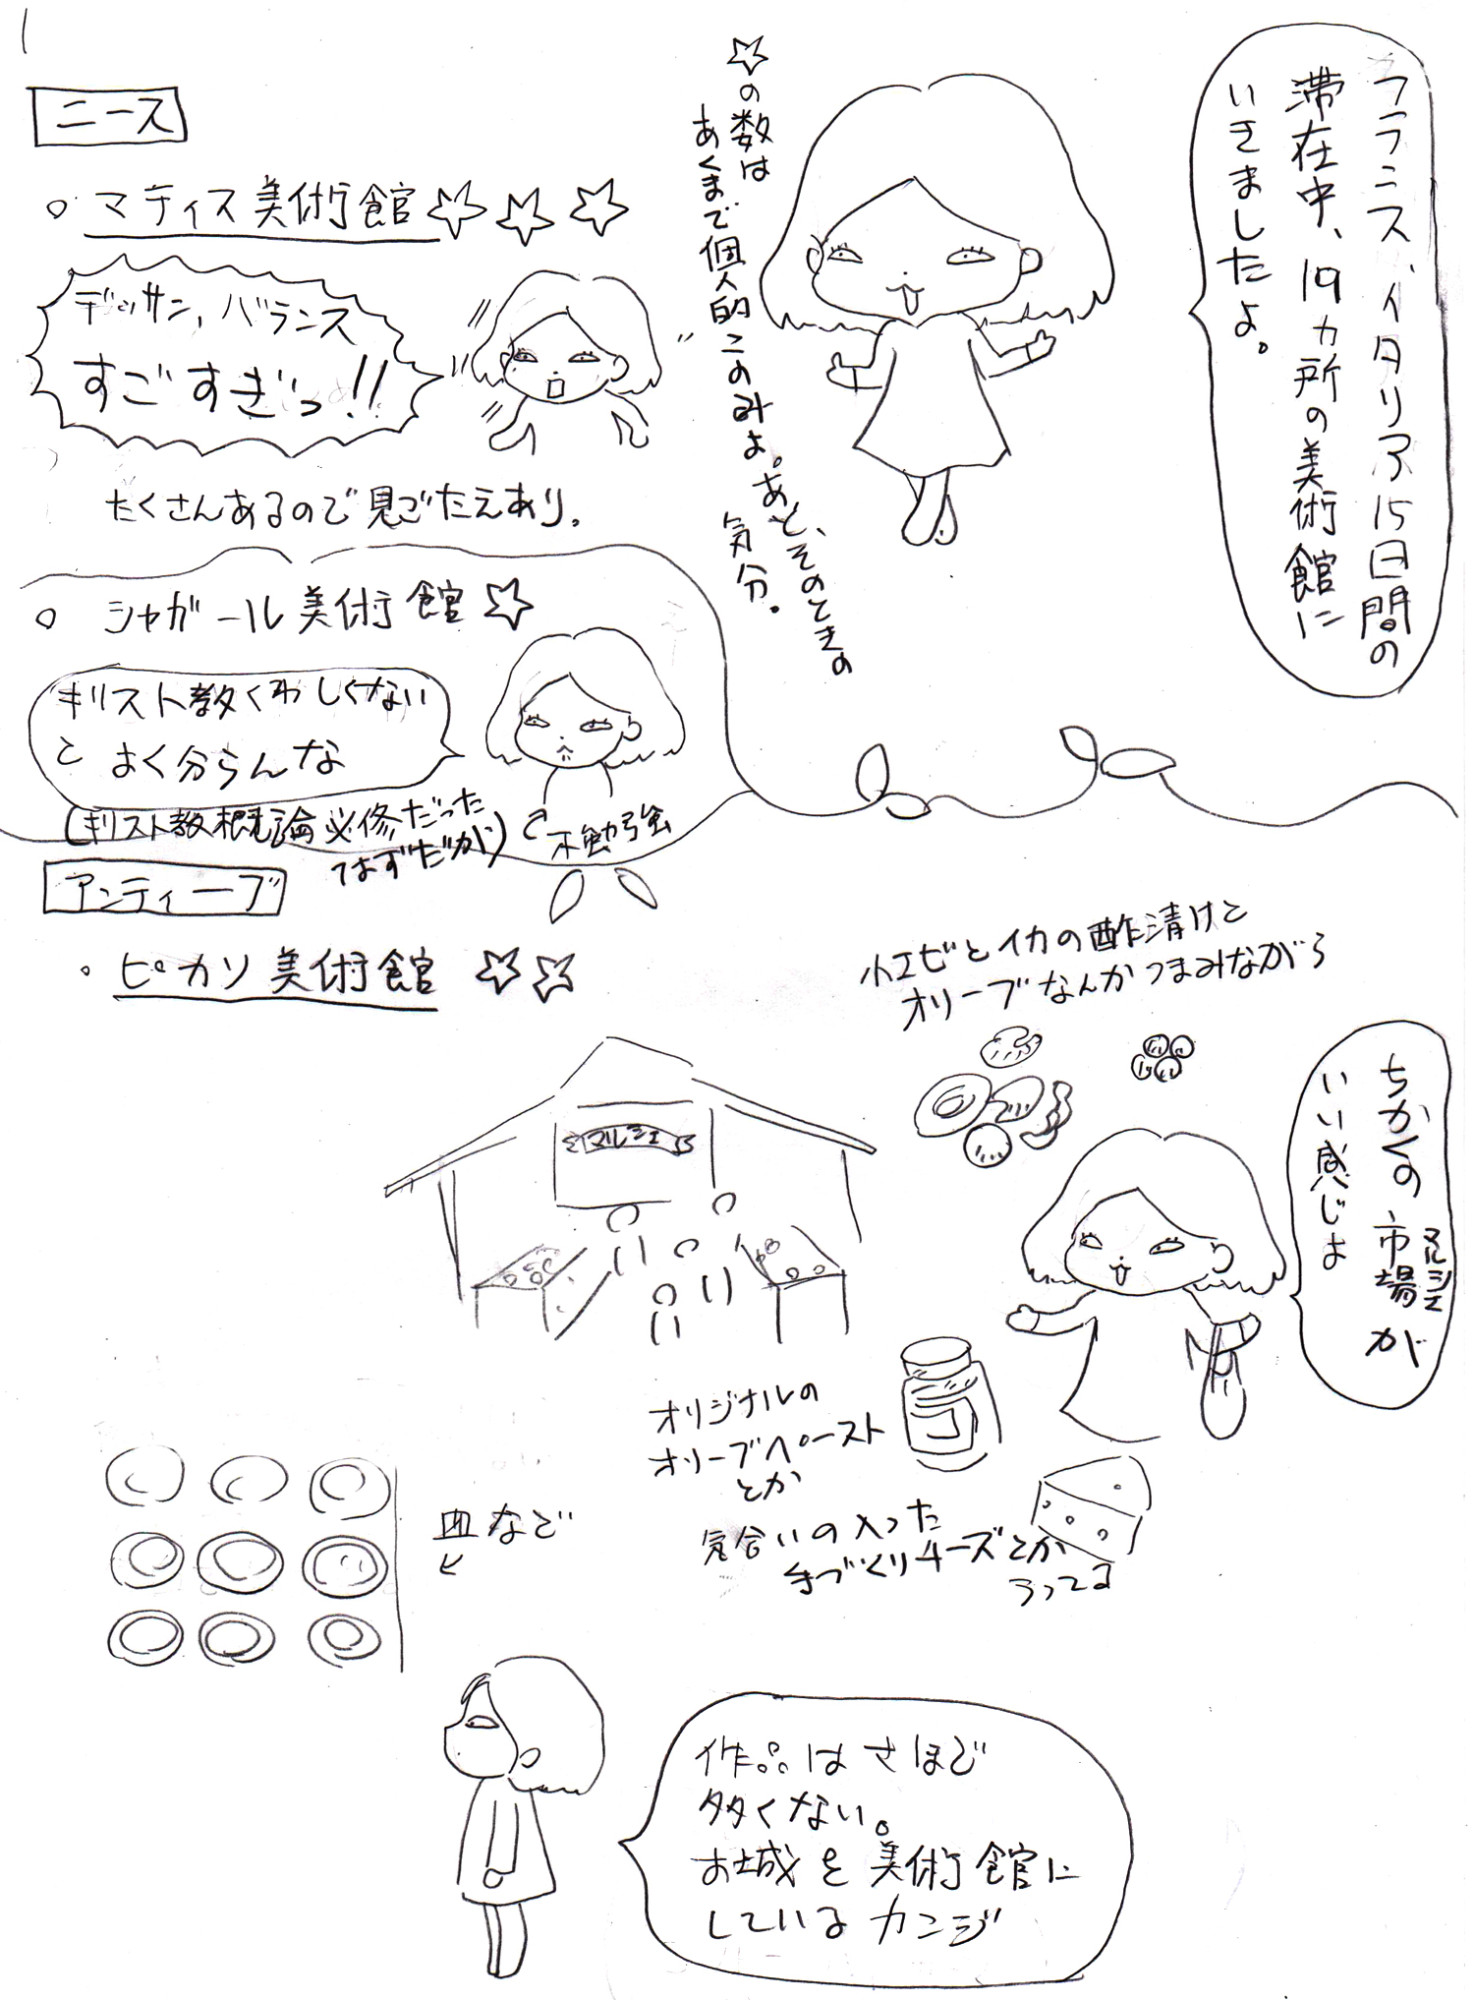 イメージ (519)